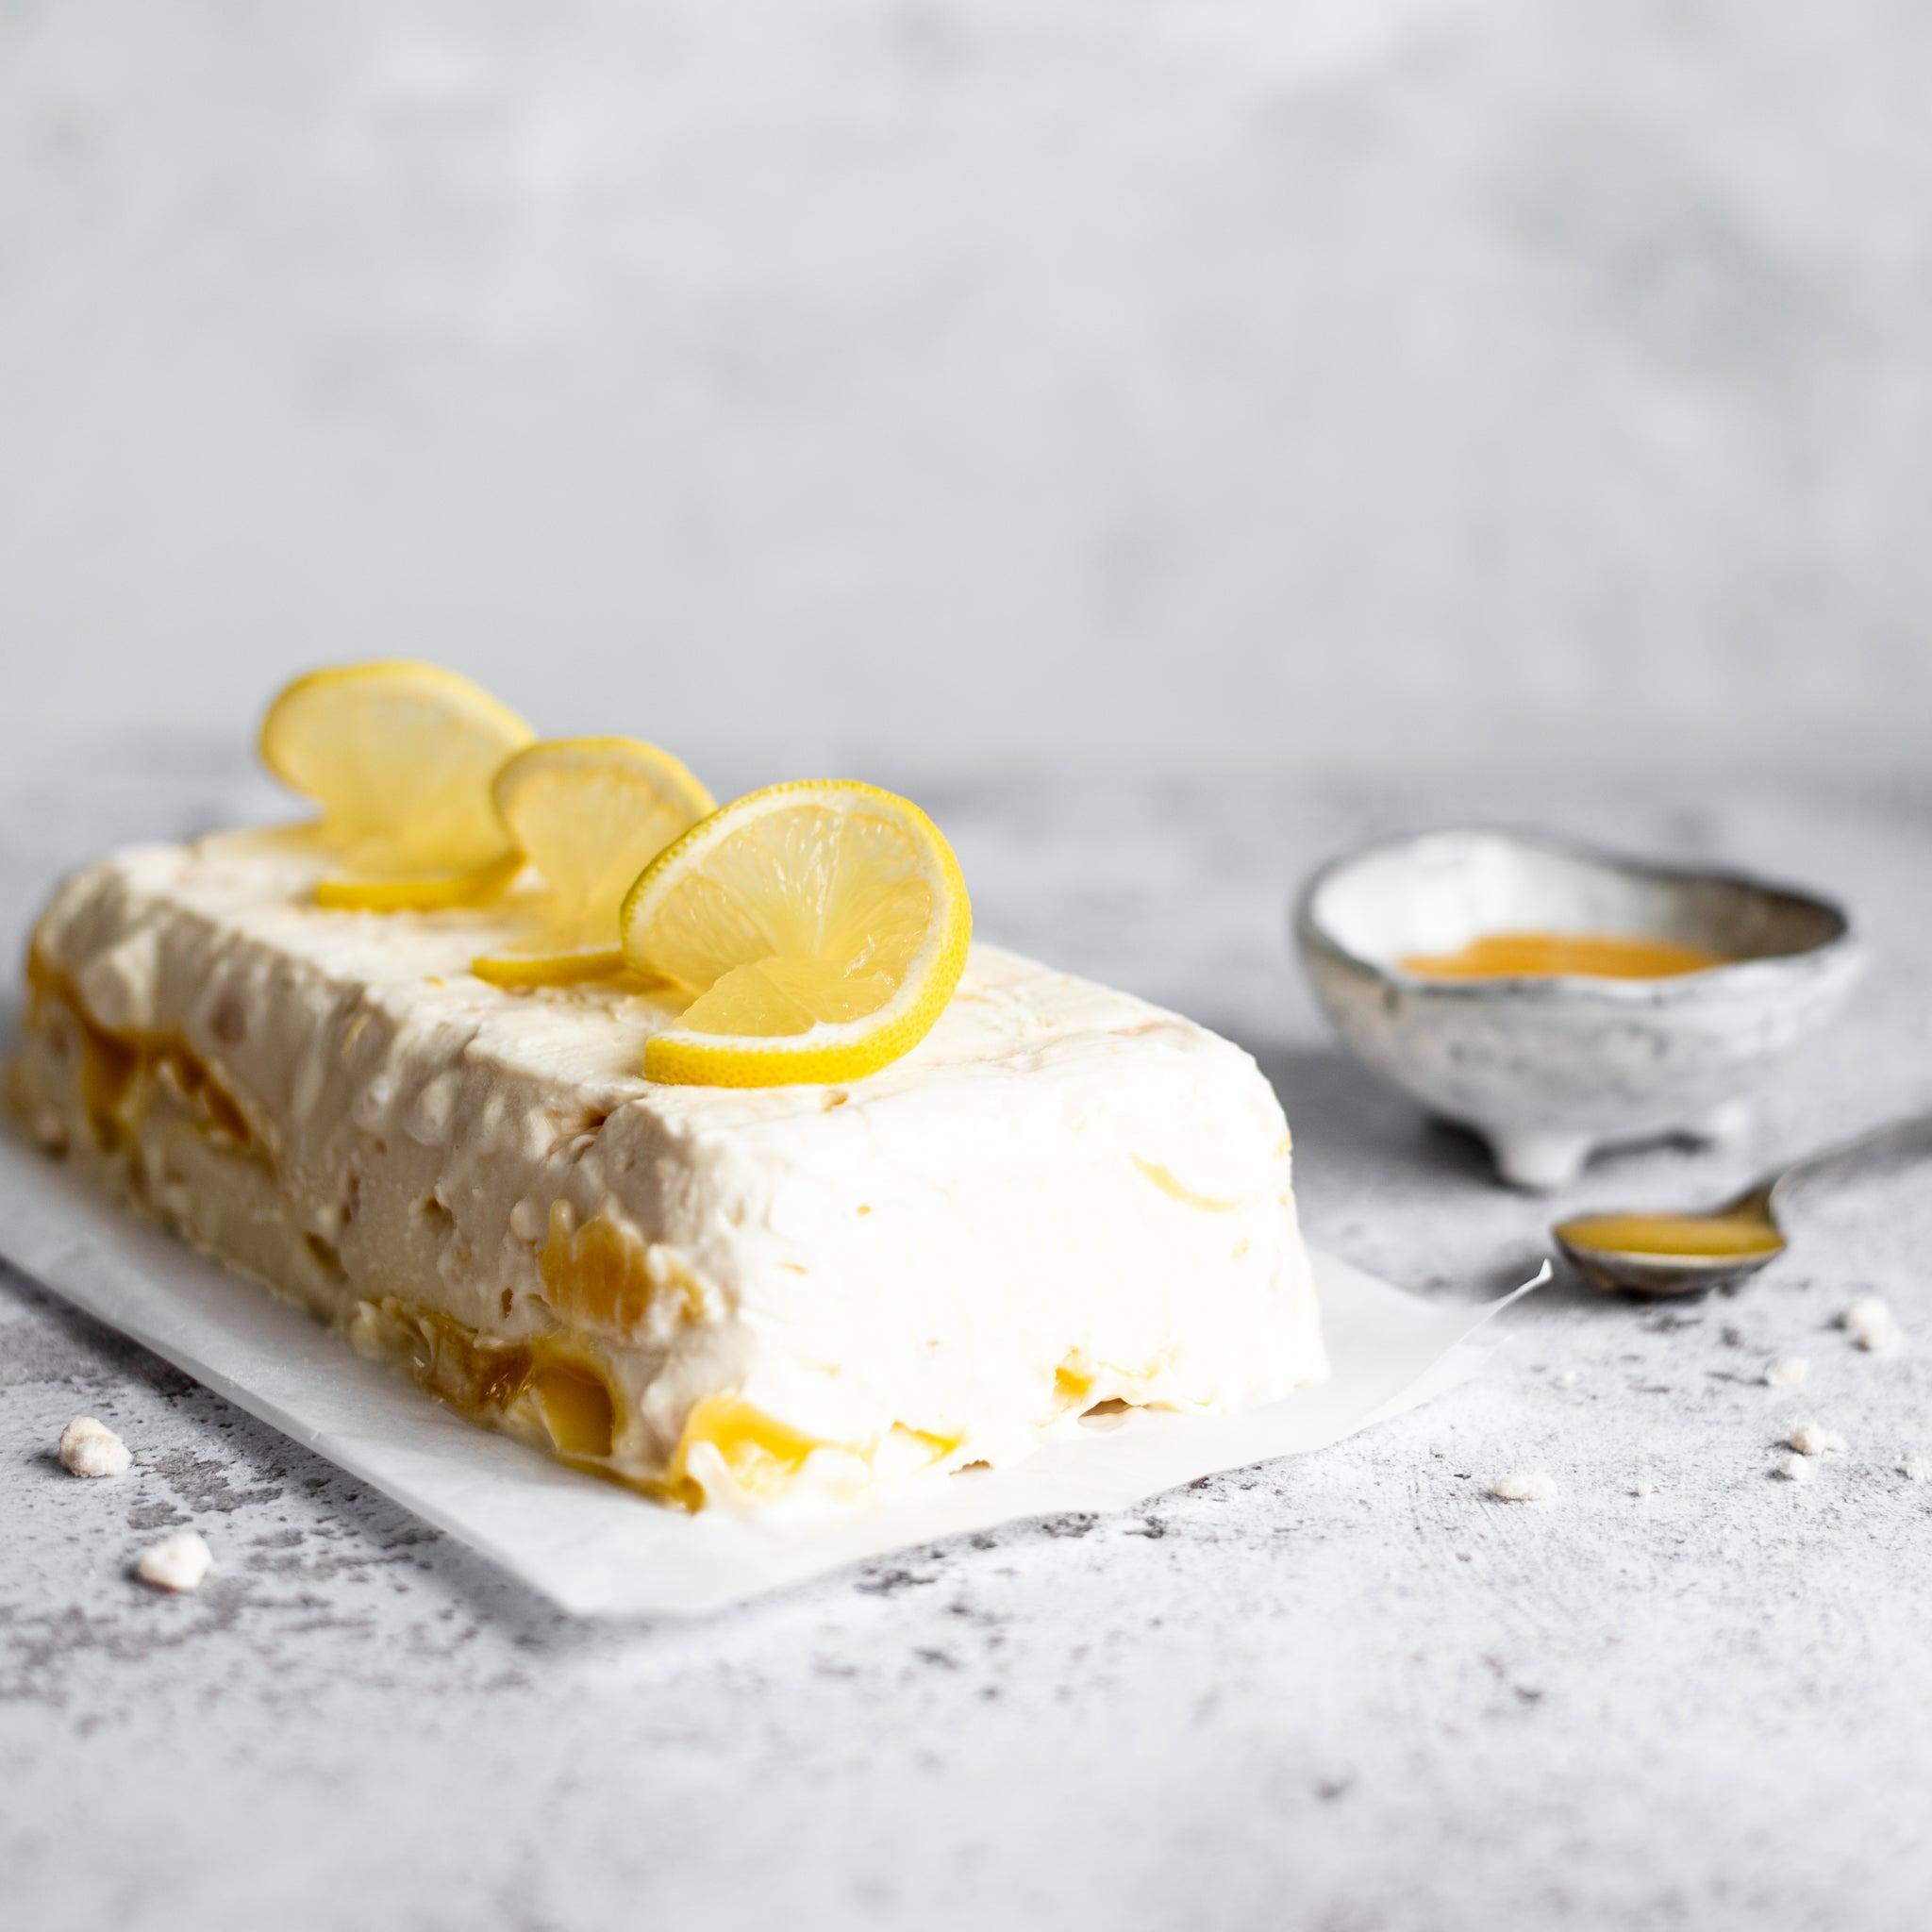 Lemon-Meringue-Ice-Cream-SQUARE-9.jpg